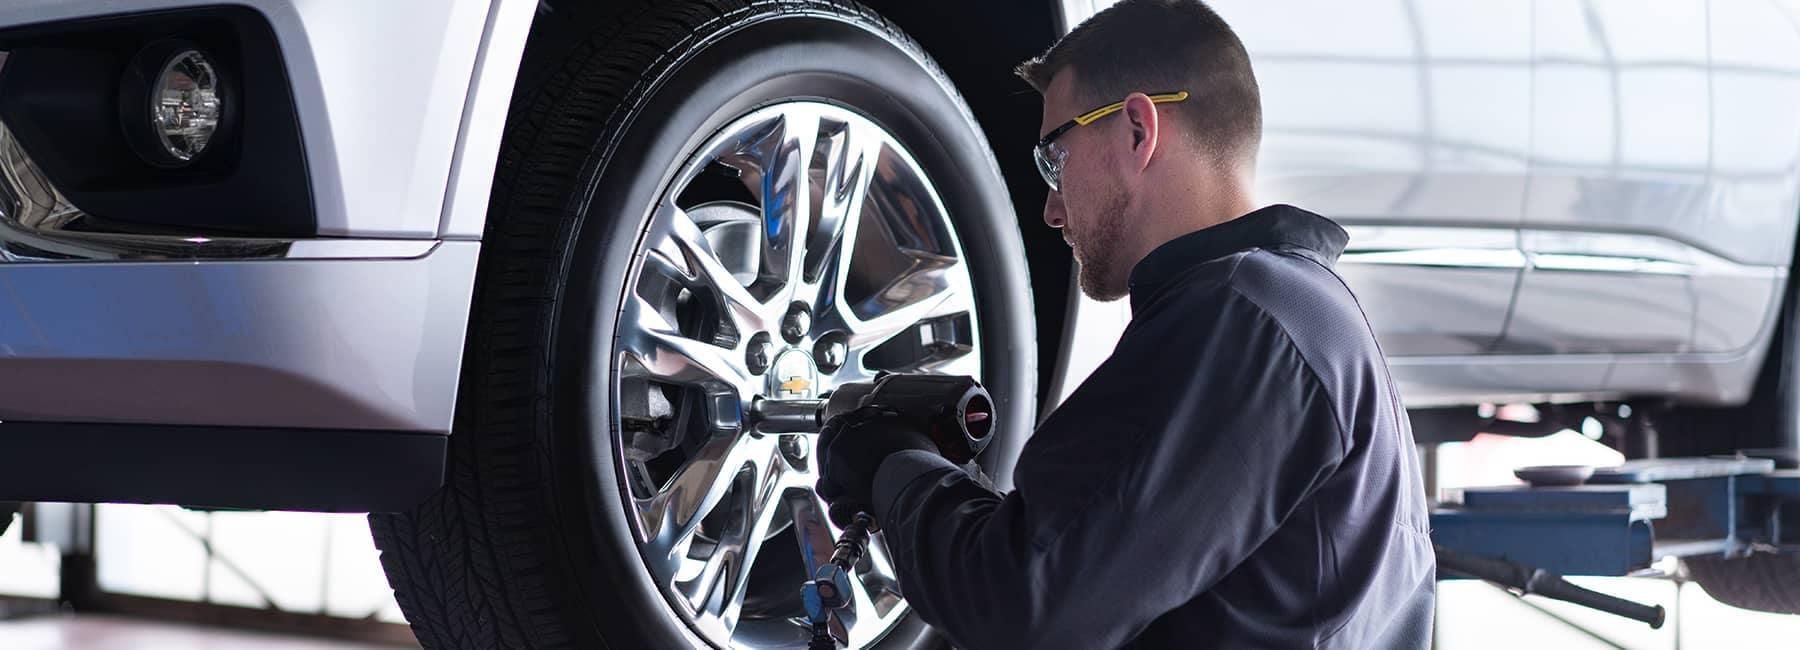 Chevrolet Parts & Service